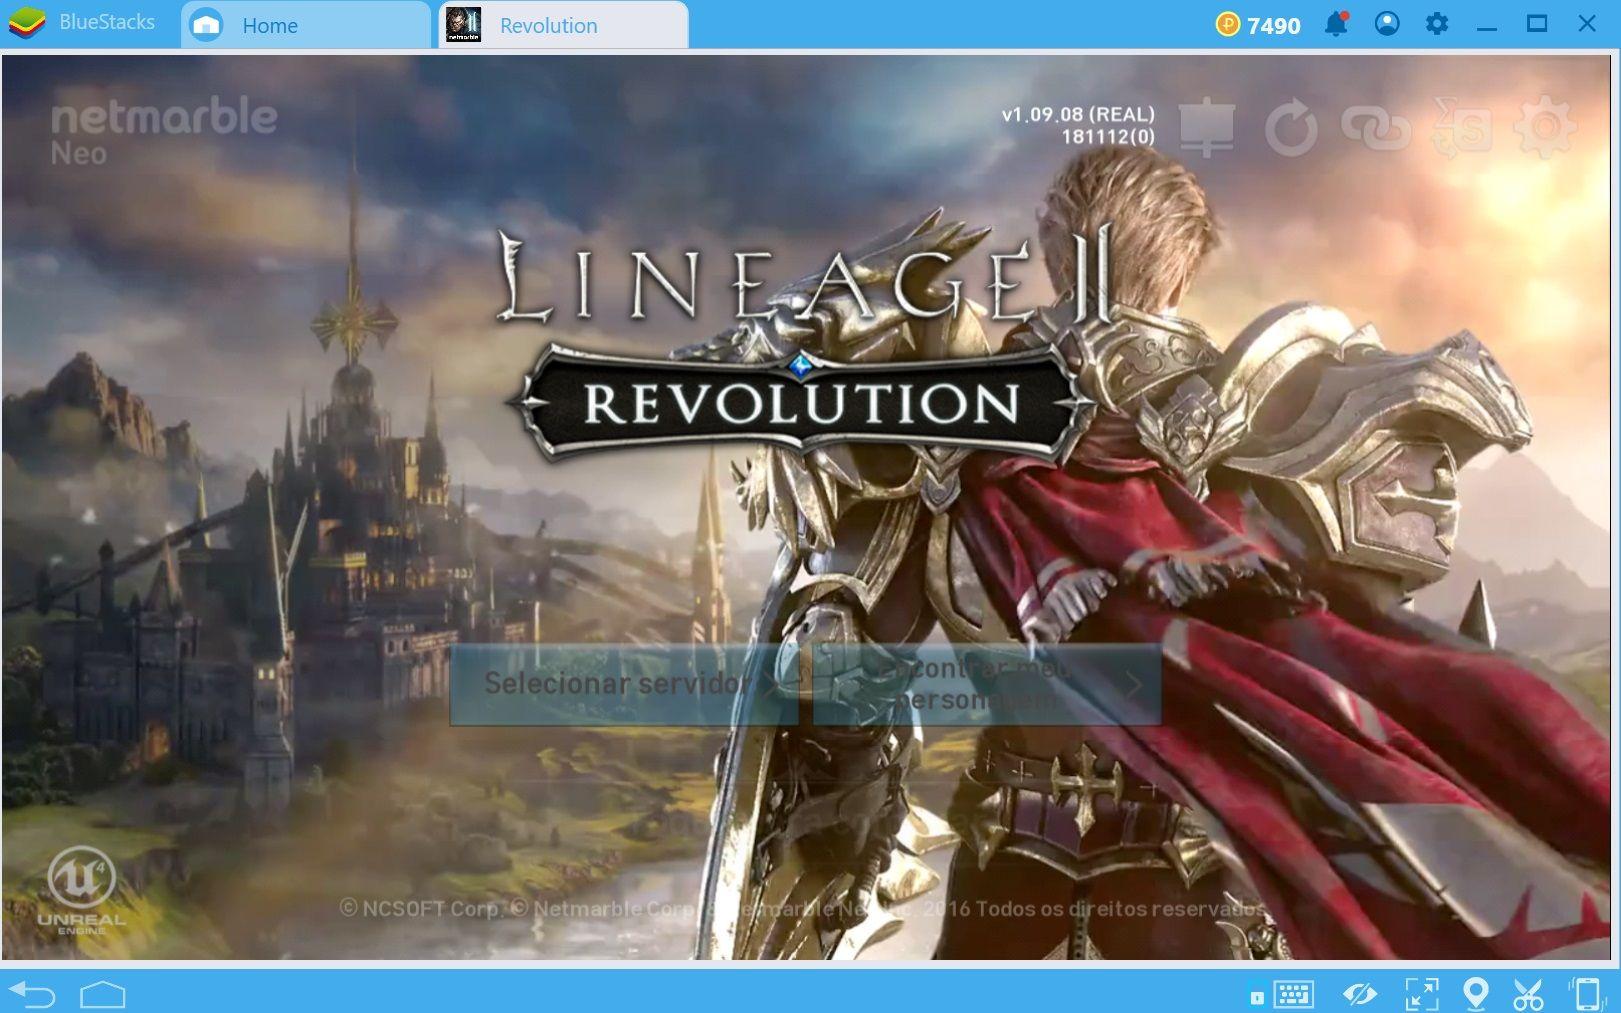 Deixe seu desempenho em Lineage II Revolution mais interessante com o Combo Key de BlueStacks.